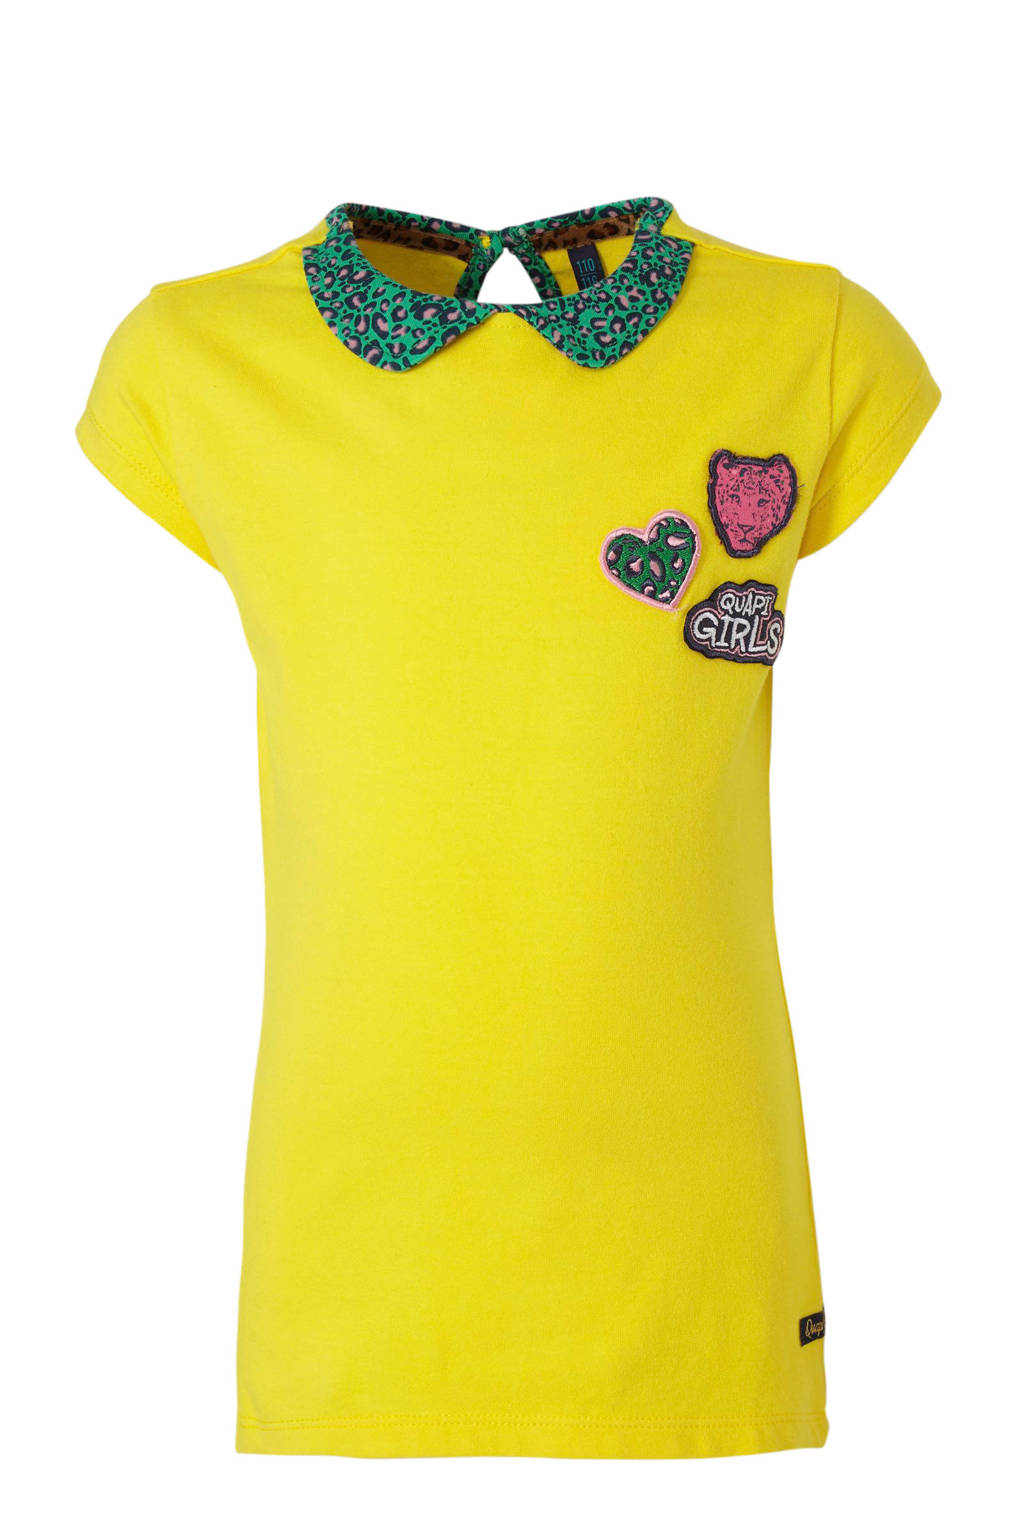 Quapi top Andie met panterprint en borduursels geel/groen, Geel/groen